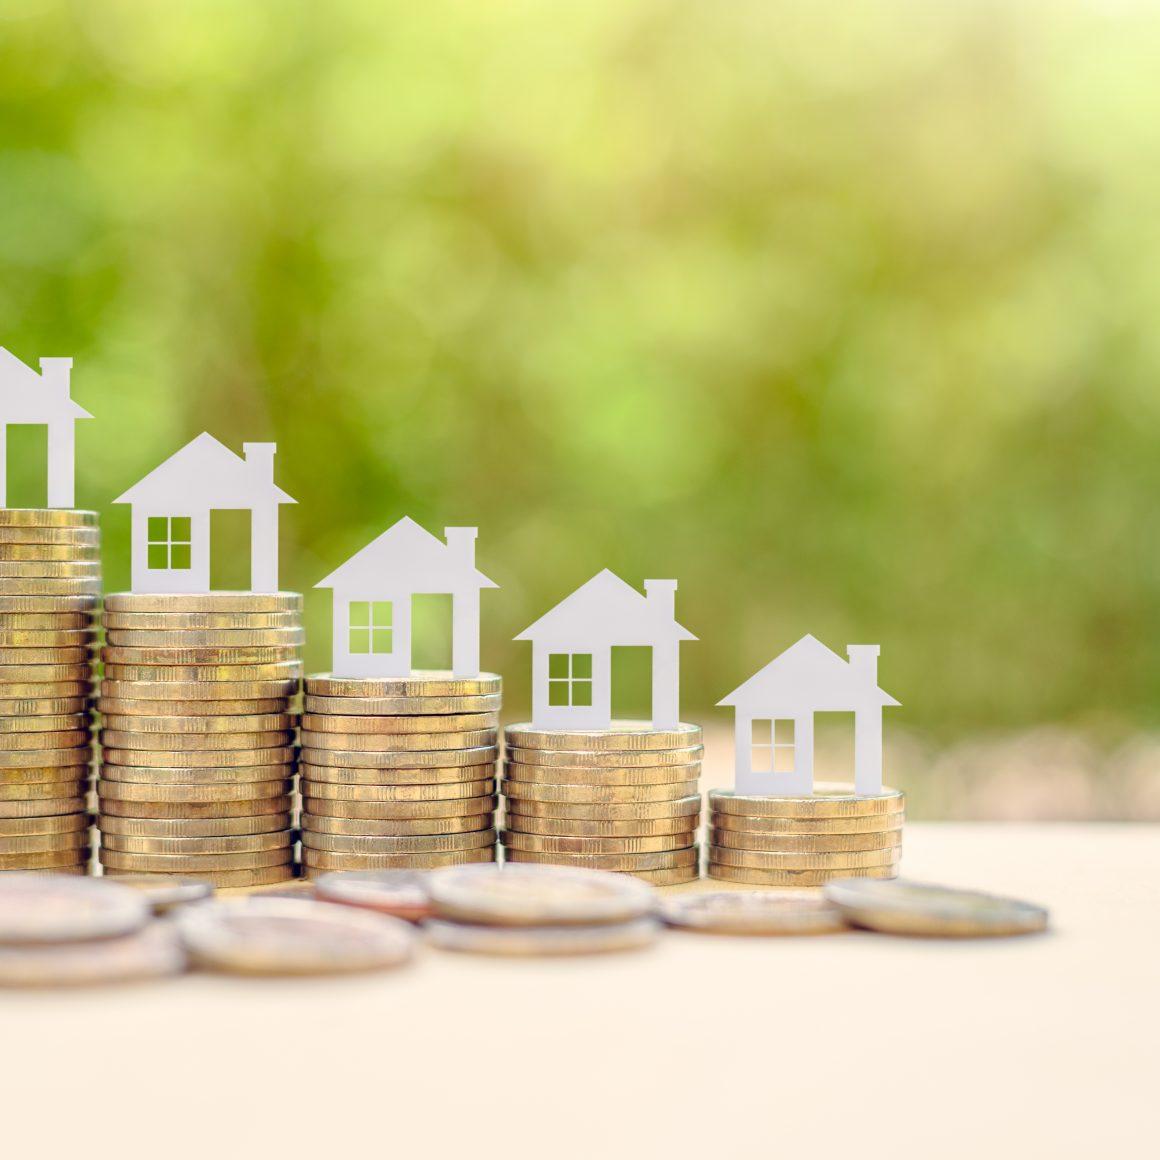 длительный займ под низкий процент